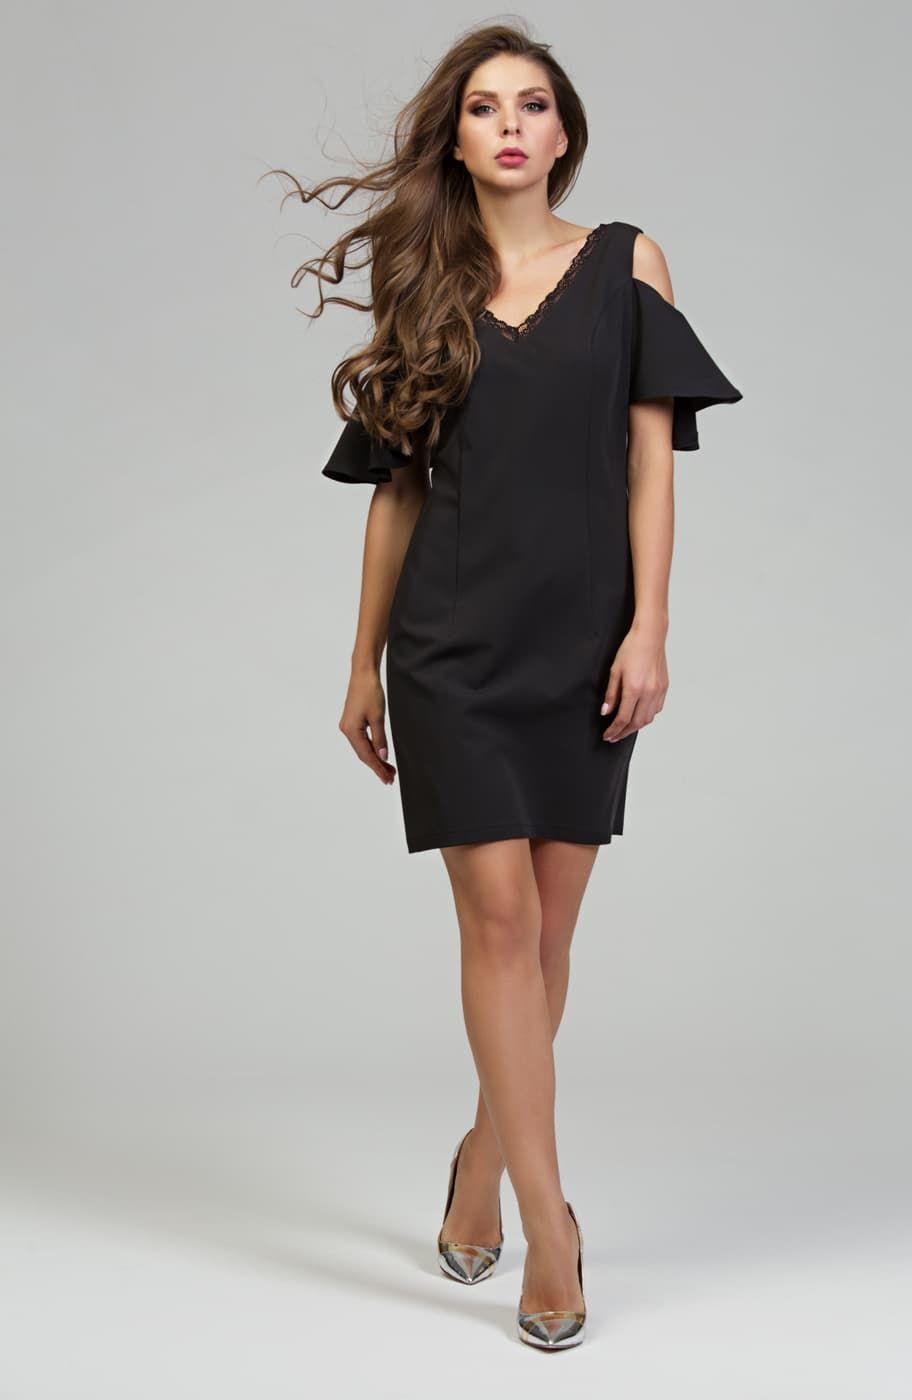 a84179a4eb1 Нарядное платье Donna-Saggia DSP-300-6 от производителя